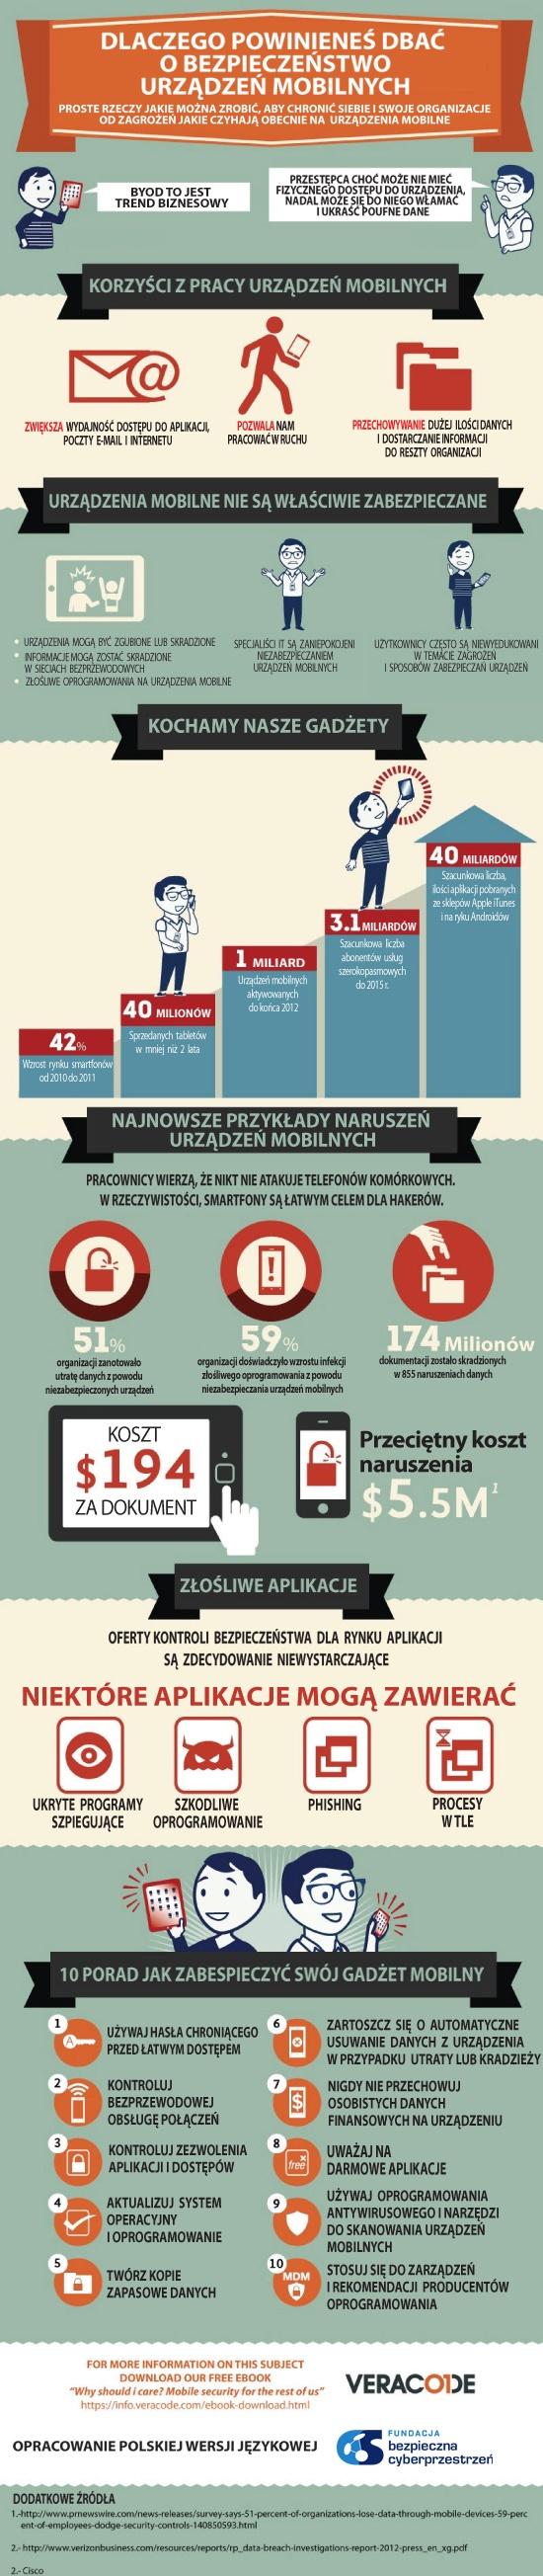 Dlaczego powinieneś zadbać o bezpieczeństwo urządzeń mobilnych